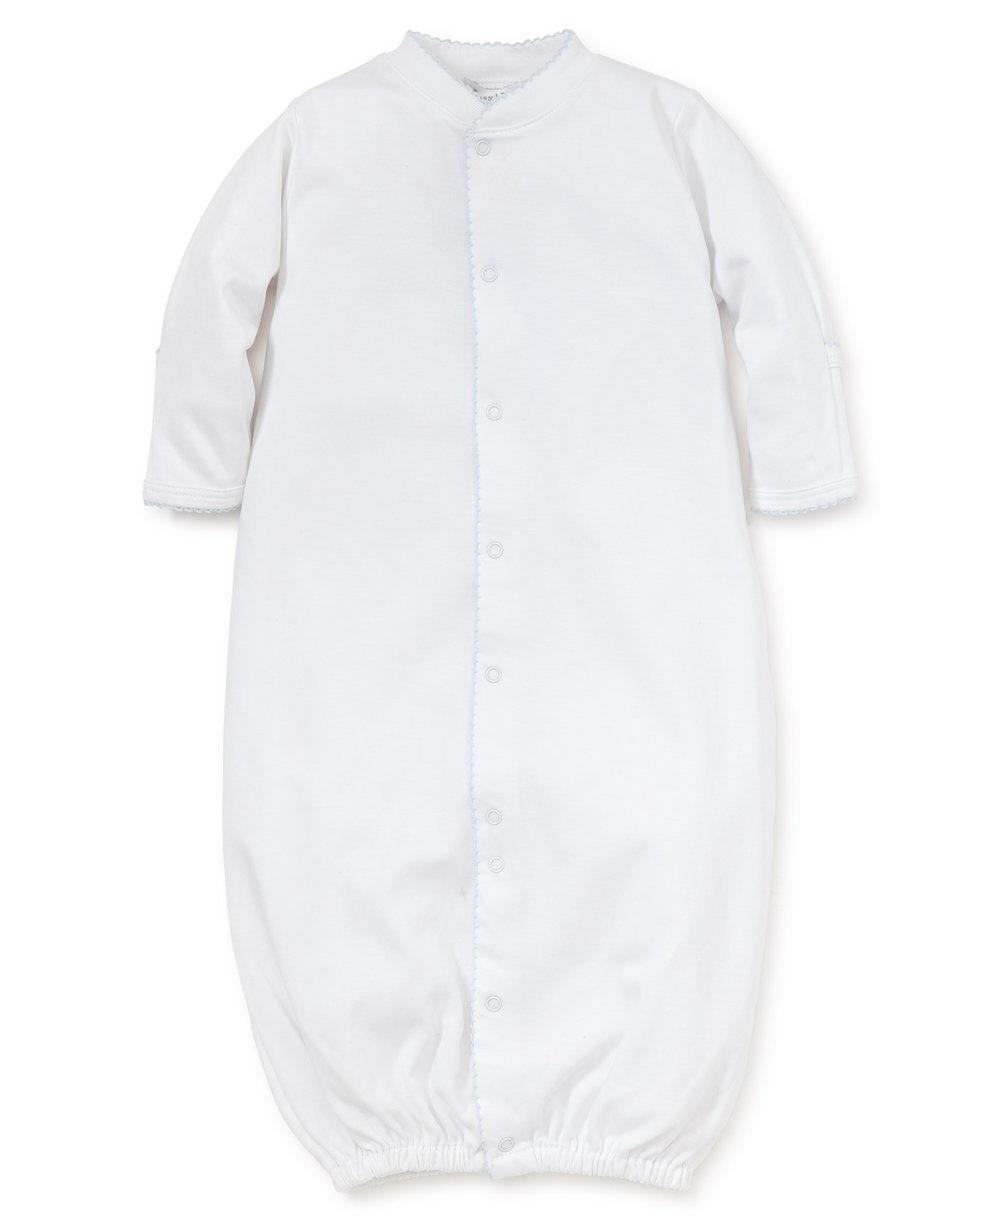 Kissy Kissy White Gown with Trim Blue Preemie